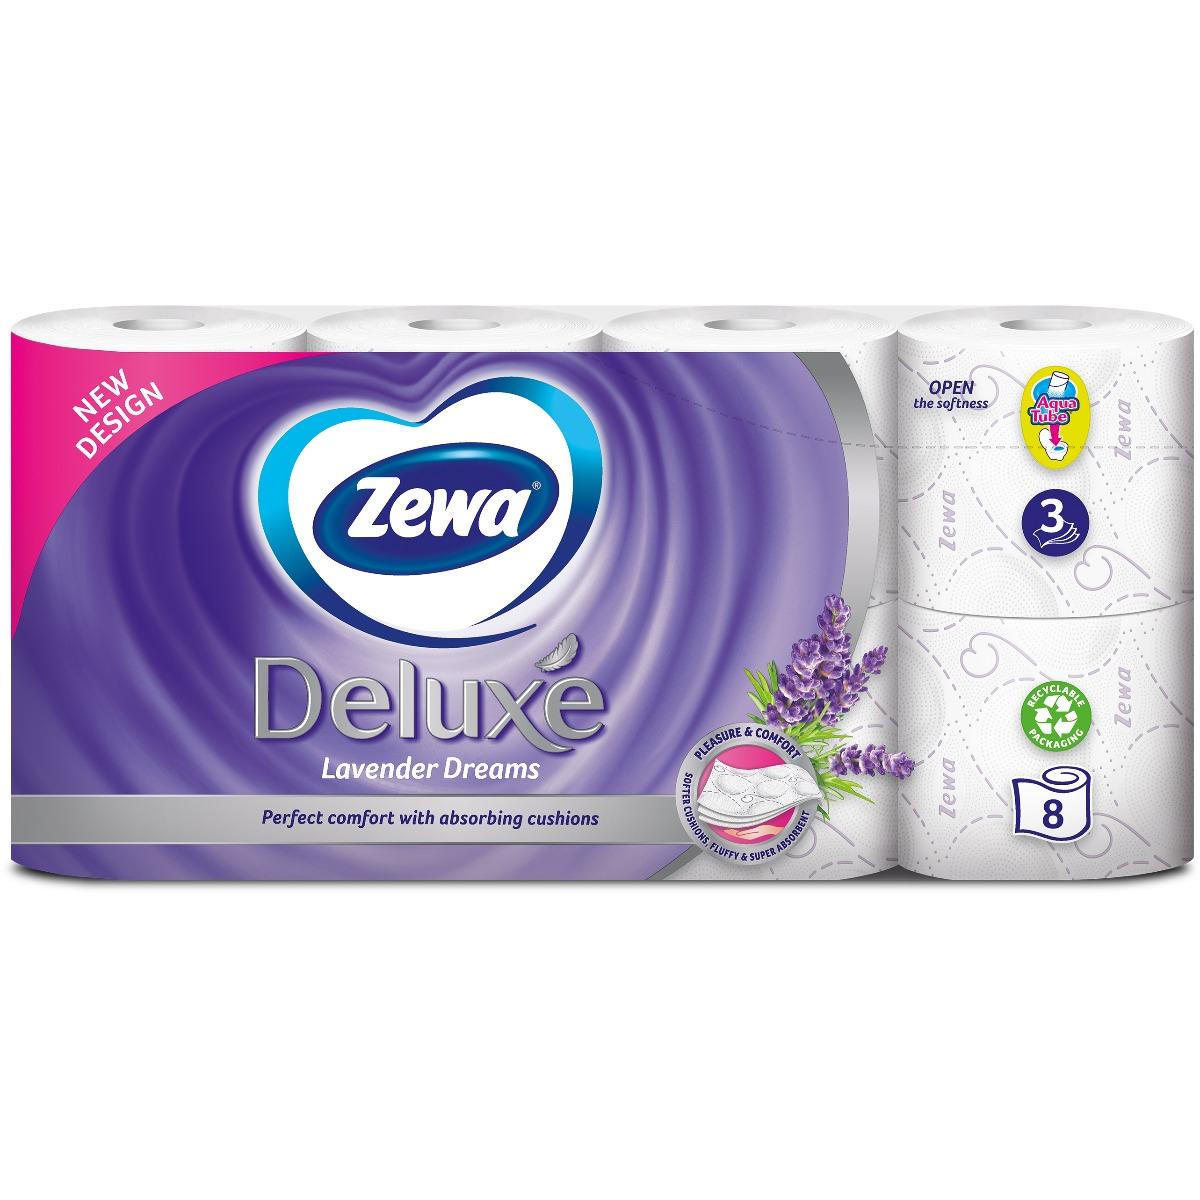 Hartie igienica Zewa Deluxe Lavender Dreams, 3 straturi, 8 role imagine